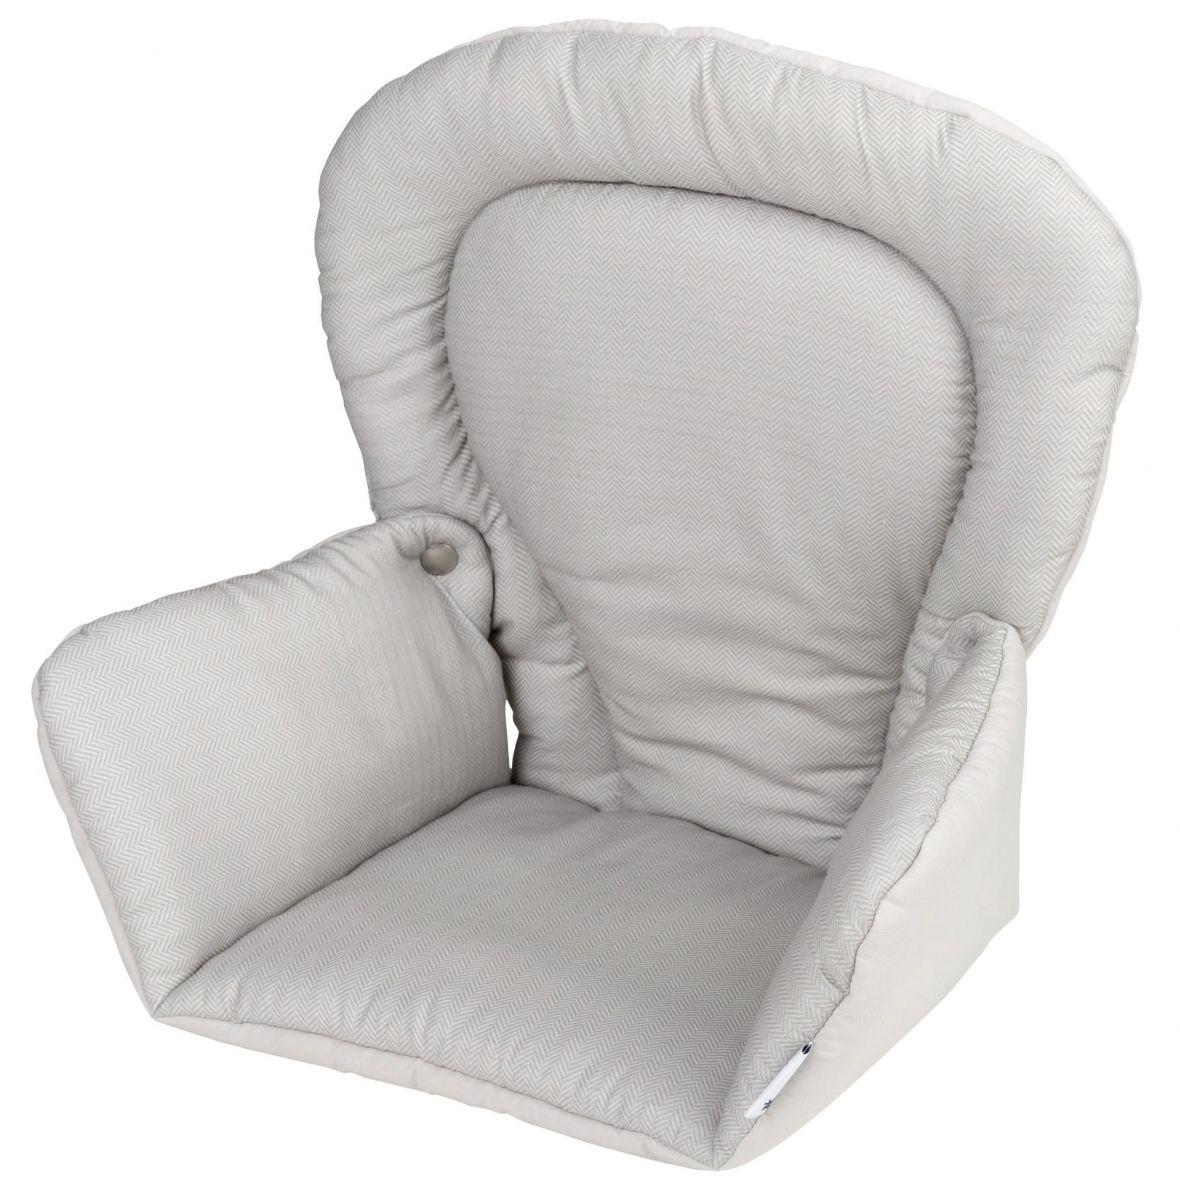 coussin de chaise the original the original candide orchestra articles pour b b et. Black Bedroom Furniture Sets. Home Design Ideas